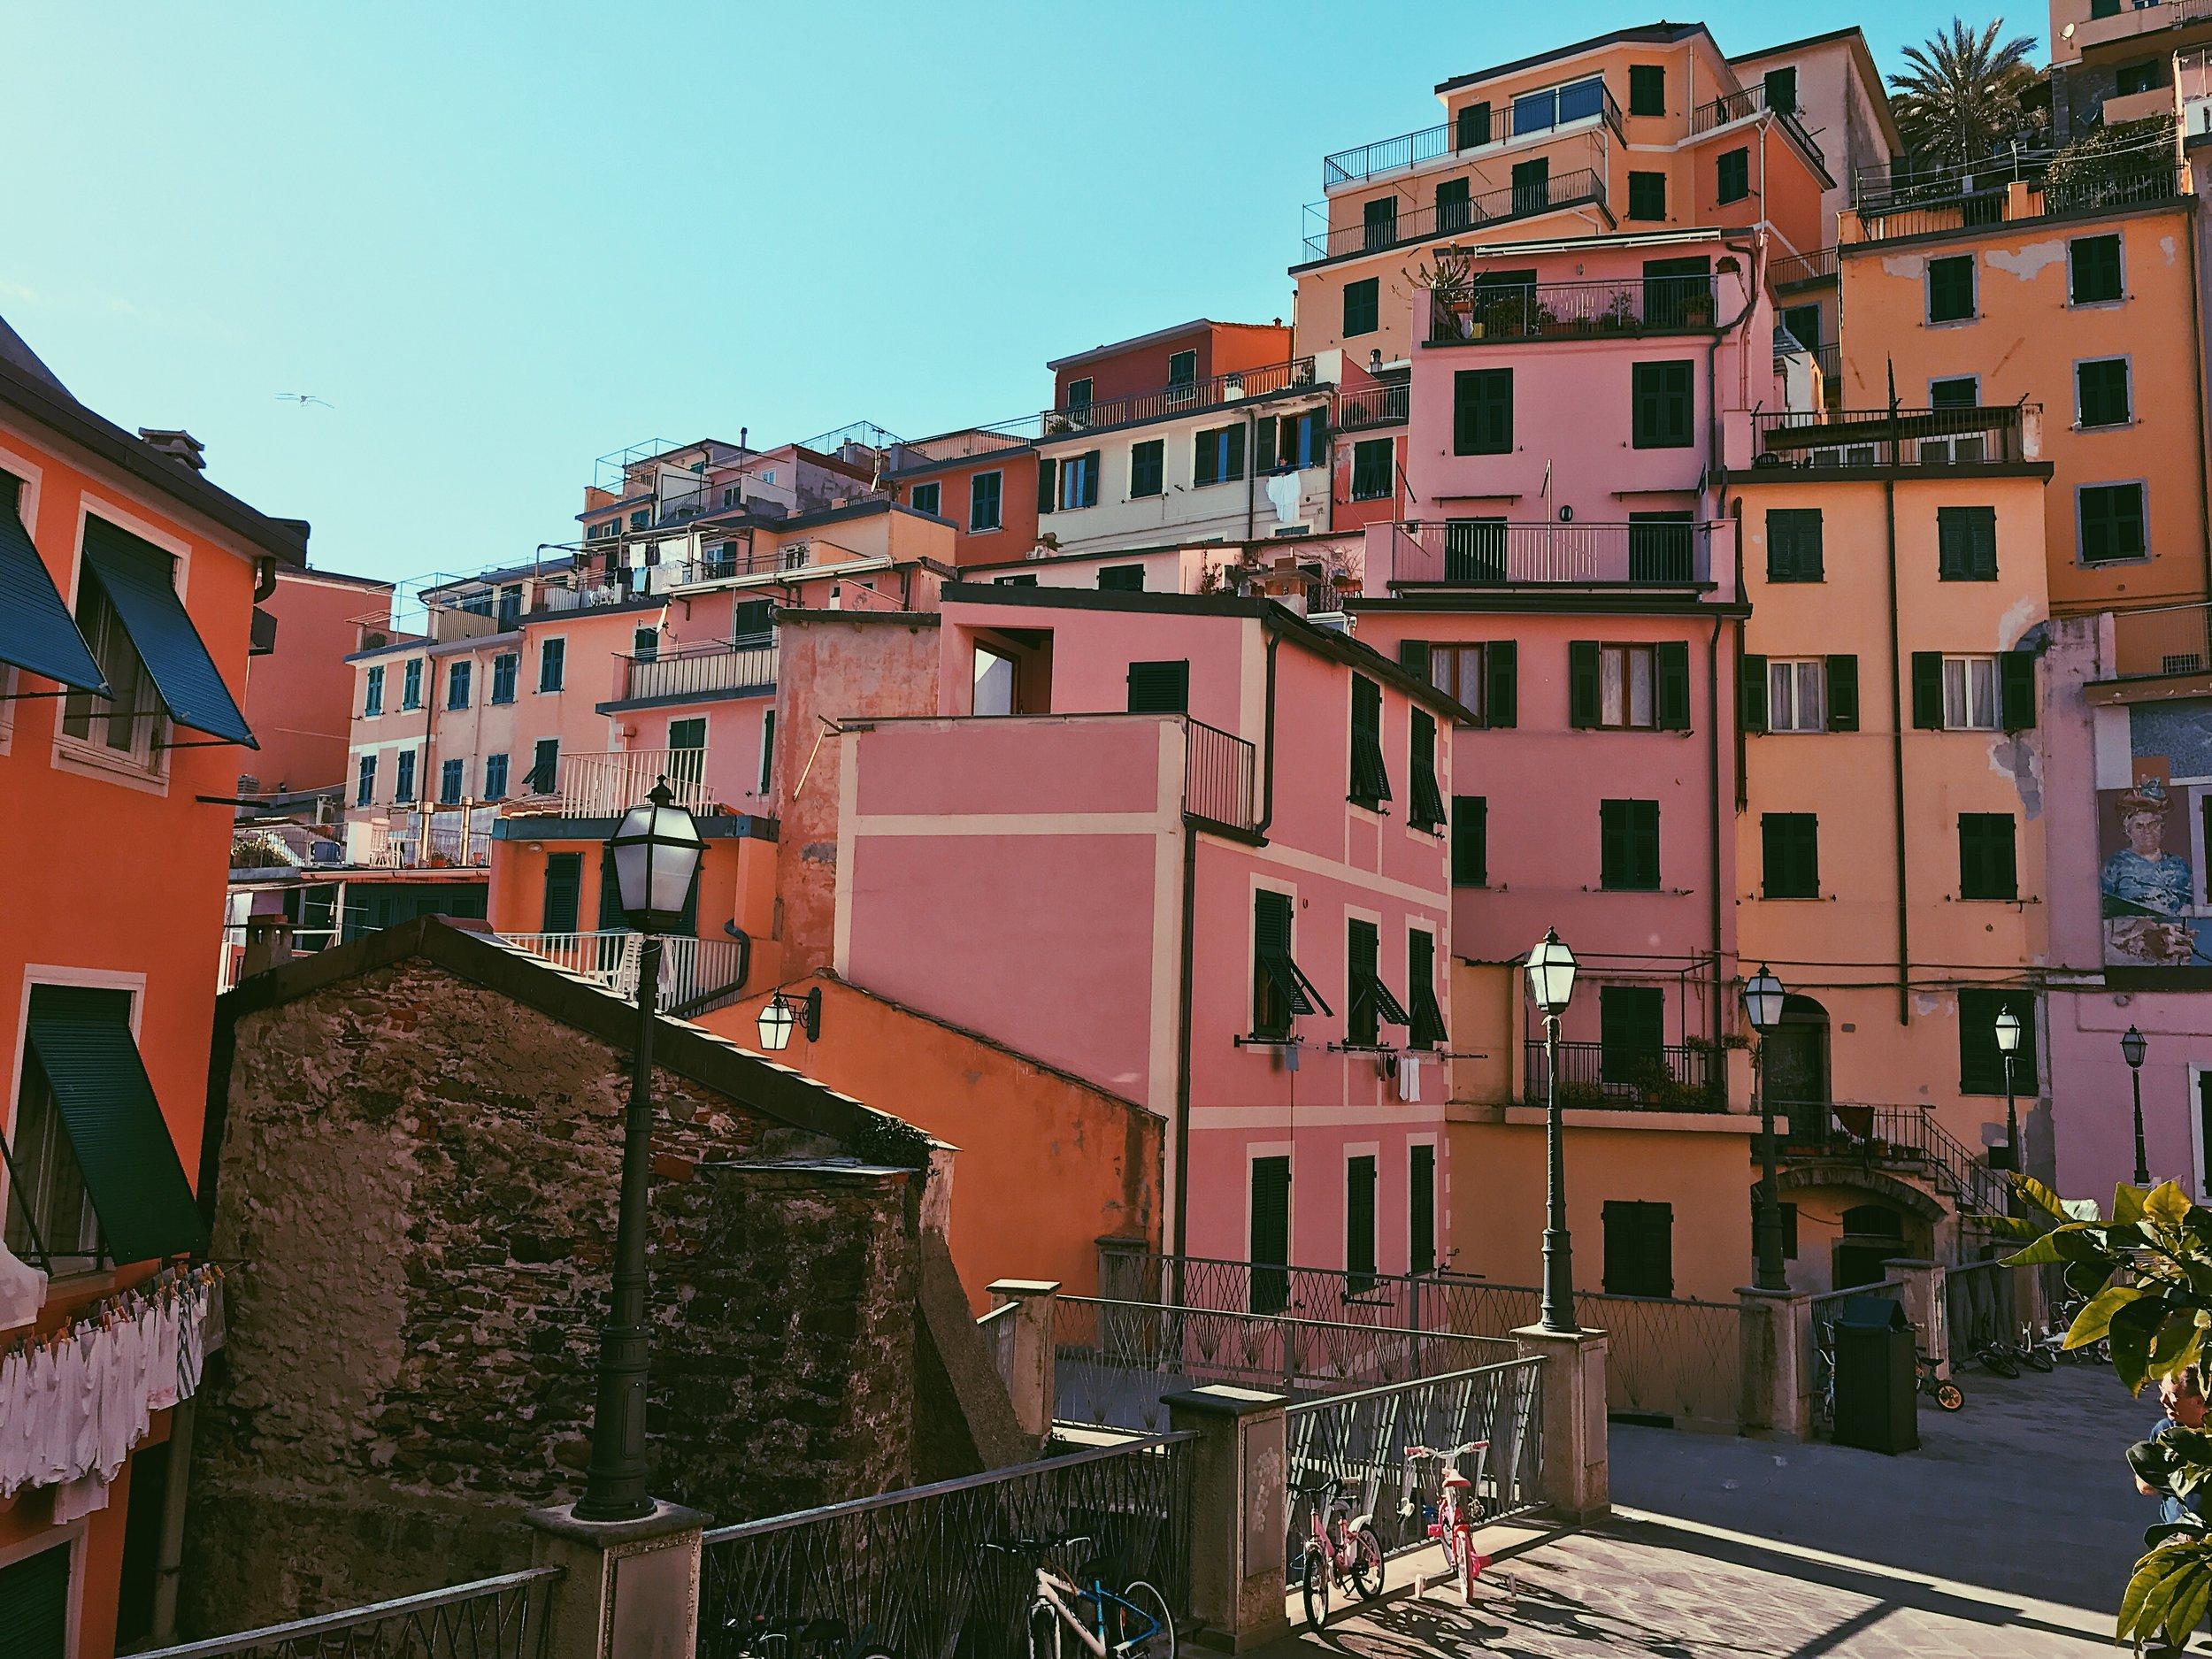 Riomaggiore, Cinque Terre.